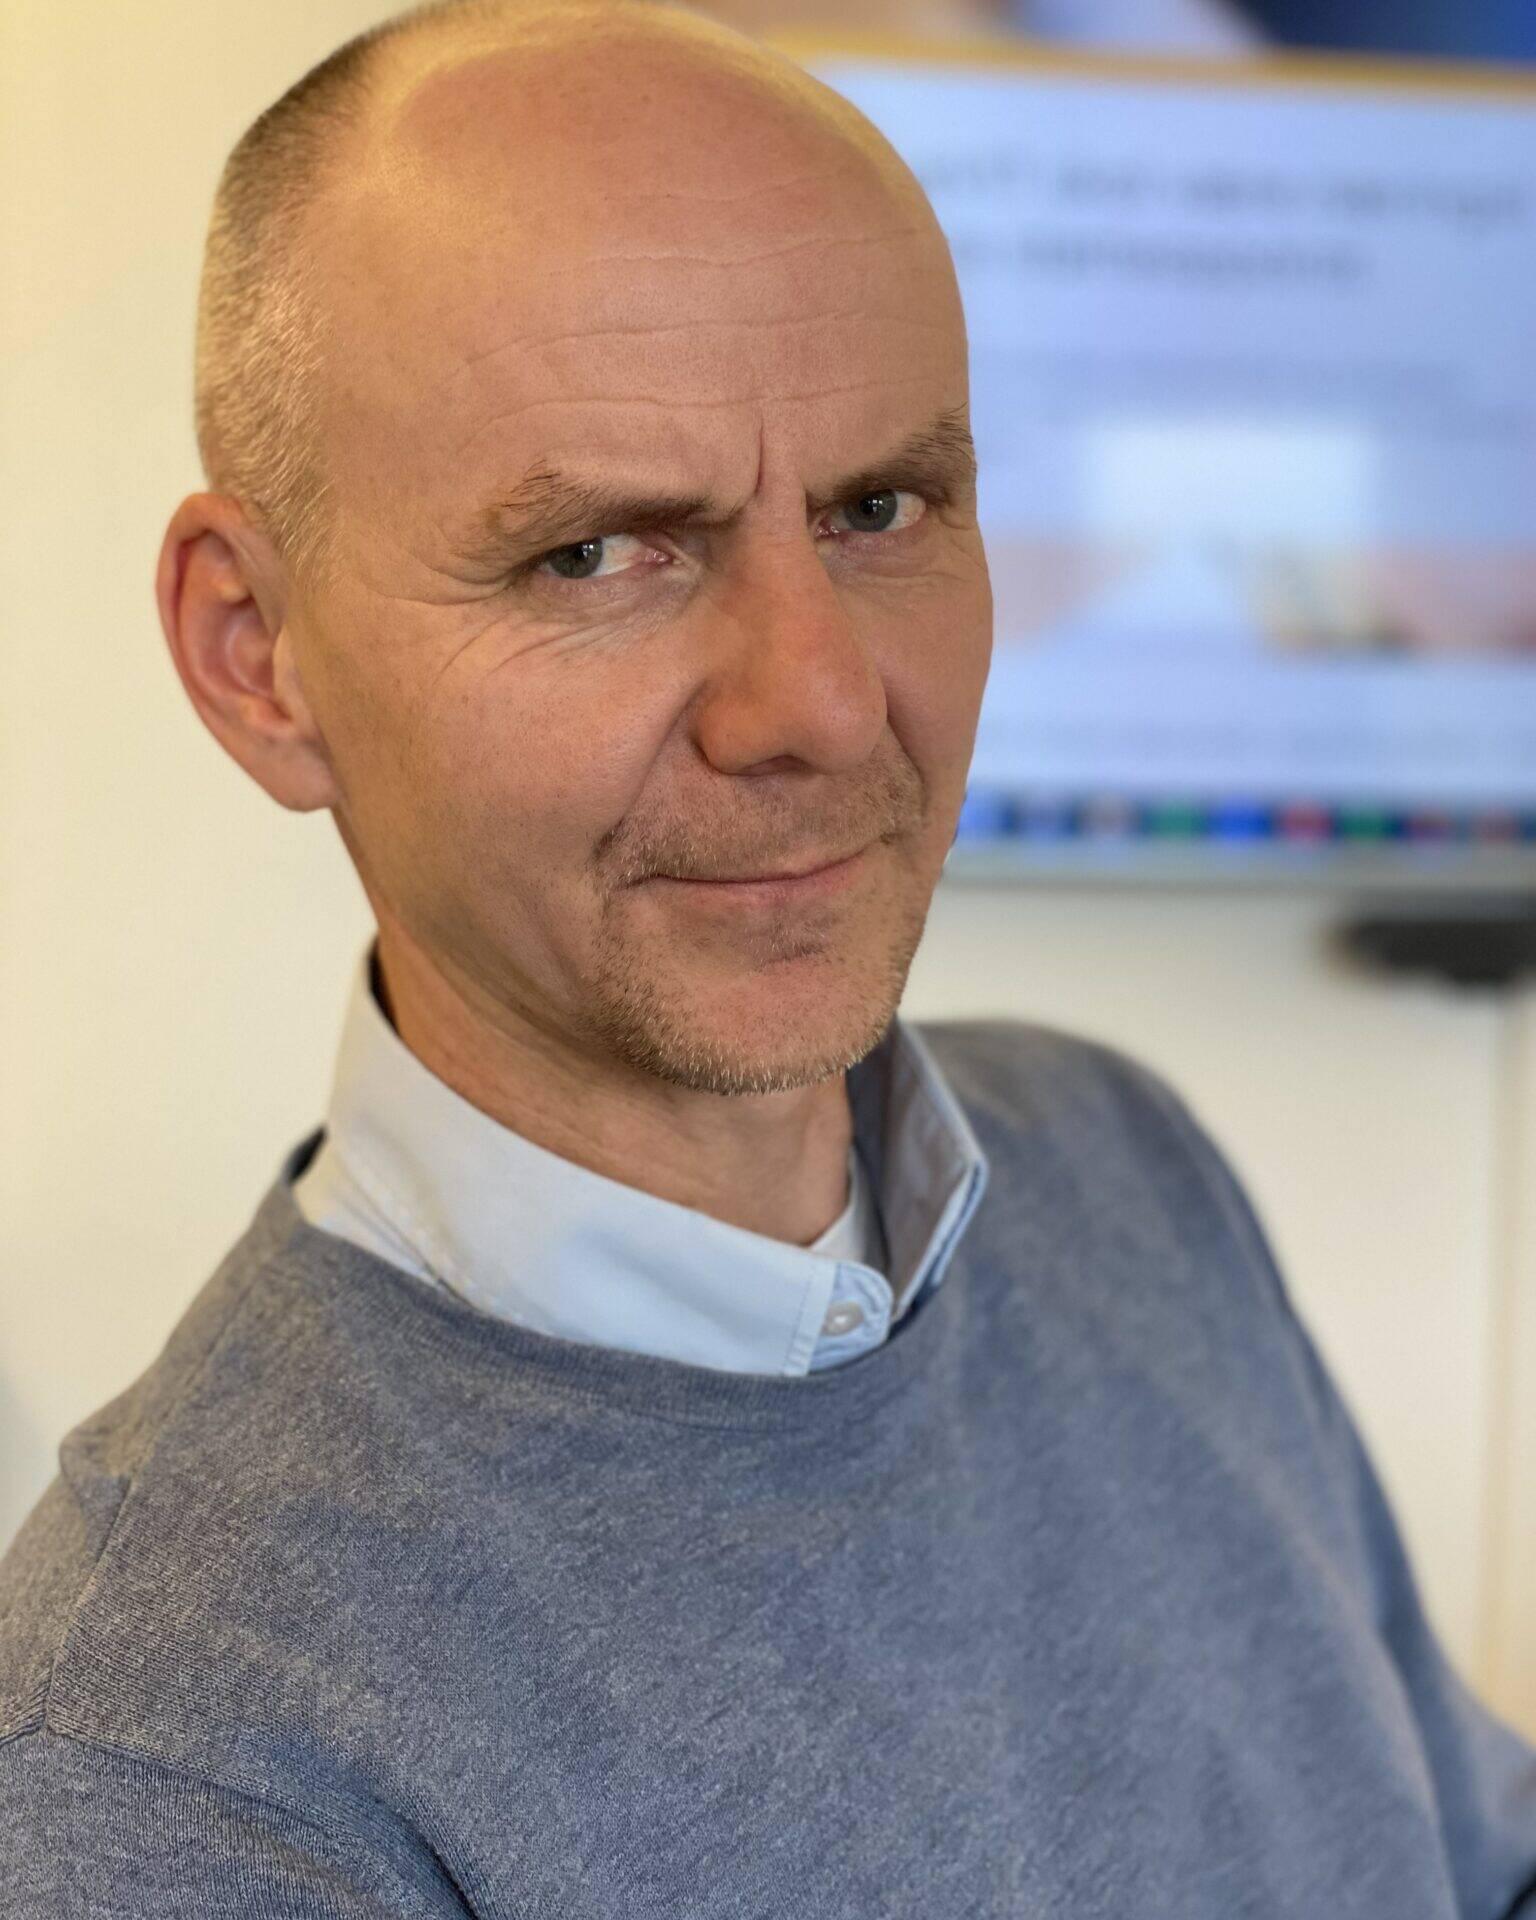 Sikker: Når det gjelder sikkerhet skal vi ikke tro, vi må være sikre og vite, sier Sven Helge Alme i TheVit. Foto: Torgeir Anda/Ren Røros